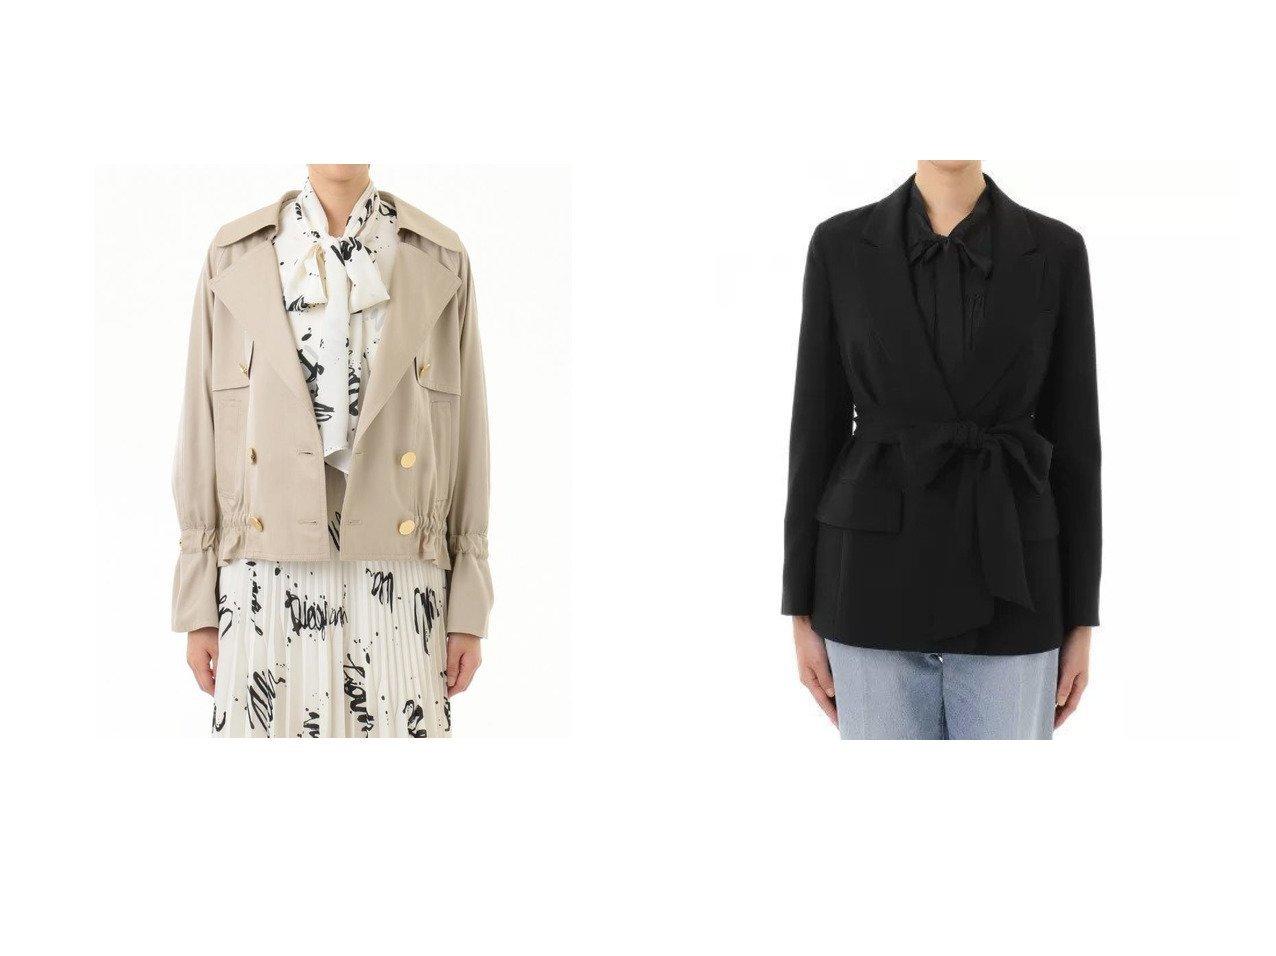 【GRACE CONTINENTAL/グレース コンチネンタル】のトリアセリボンベルトジャケット&ドルマントレンチジャケット GRACE CONTINENTALのおすすめ!人気、トレンド・レディースファッションの通販  おすすめで人気の流行・トレンド、ファッションの通販商品 メンズファッション・キッズファッション・インテリア・家具・レディースファッション・服の通販 founy(ファニー) https://founy.com/ ファッション Fashion レディースファッション WOMEN アウター Coat Outerwear コート Coats ジャケット Jackets トレンチコート Trench Coats ベルト Belts NEW・新作・新着・新入荷 New Arrivals ショート スリーブ フリル ペプラム メタル 定番 Standard ジャケット |ID:crp329100000019417